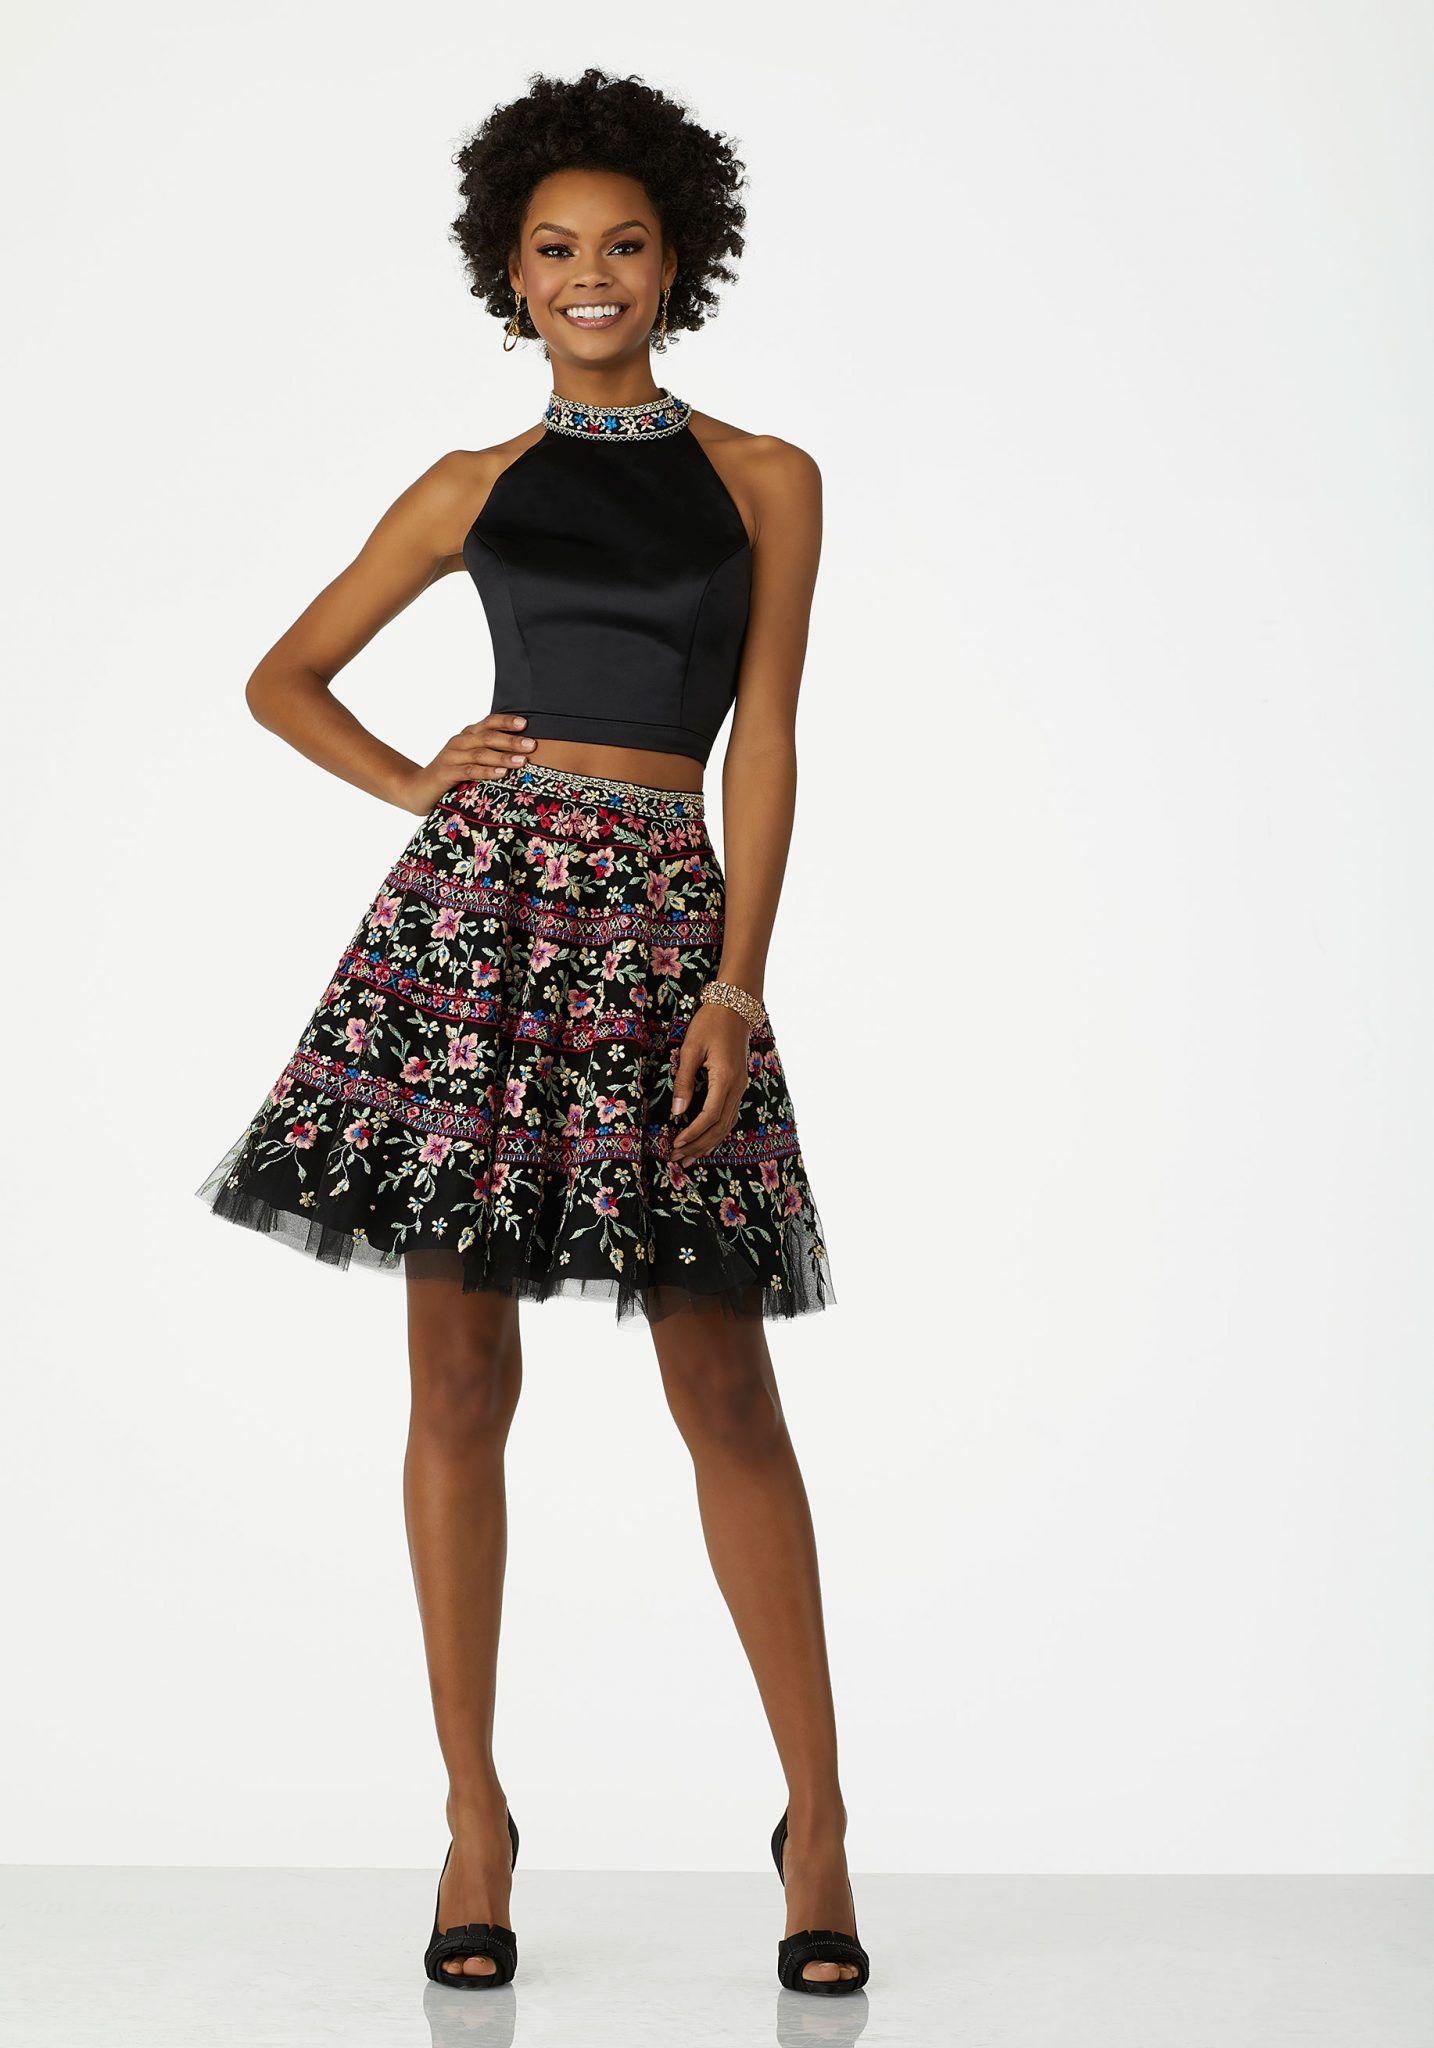 2020 Klos Abiye Elbise Kisa Gece Elbiseleri Siyah Halter Yaka Iki Parca Tul Etek Nakis Islemeli Elbise The Dress Tul Etek